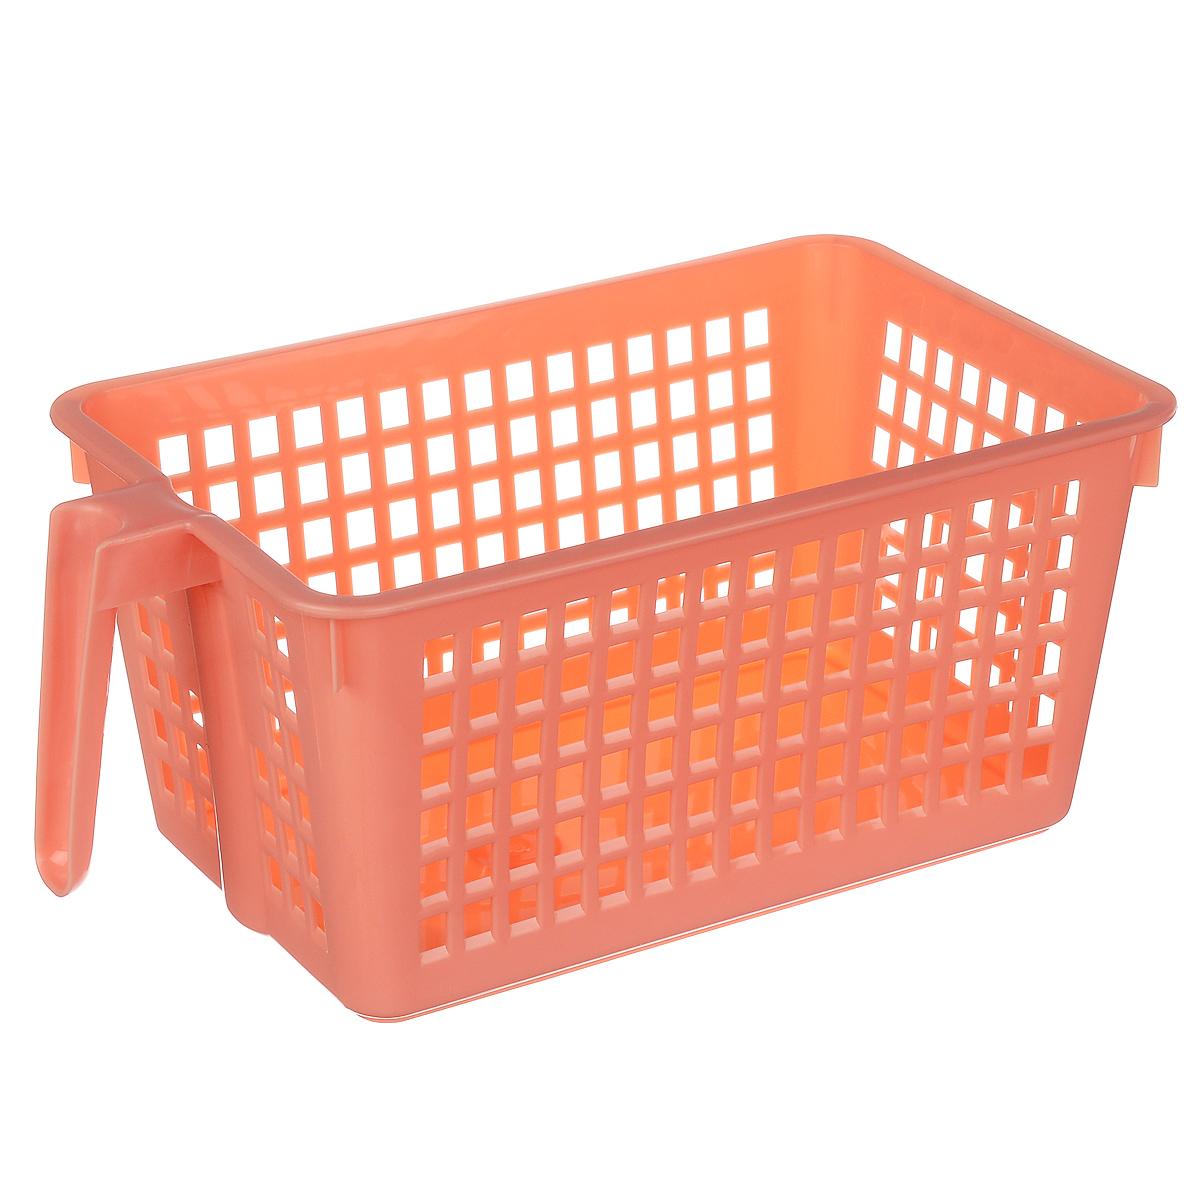 Корзинка универсальная Econova, с ручкой, цвет: коралловый, 28 х 16 х 12 смС12568_коралловыйУниверсальная корзинка Econova изготовлена из высококачественного пластика и предназначена для хранения и транспортировки вещей. Корзинка подойдет как для пищевых продуктов, так и для ванных принадлежностей и различных мелочей. Изделие оснащено ручкой для более удобной транспортировки. Стенки корзинки оформлены перфорацией, что обеспечивает естественную вентиляцию. Универсальная корзинка Econova позволит вам хранить вещи компактно и с удобством.